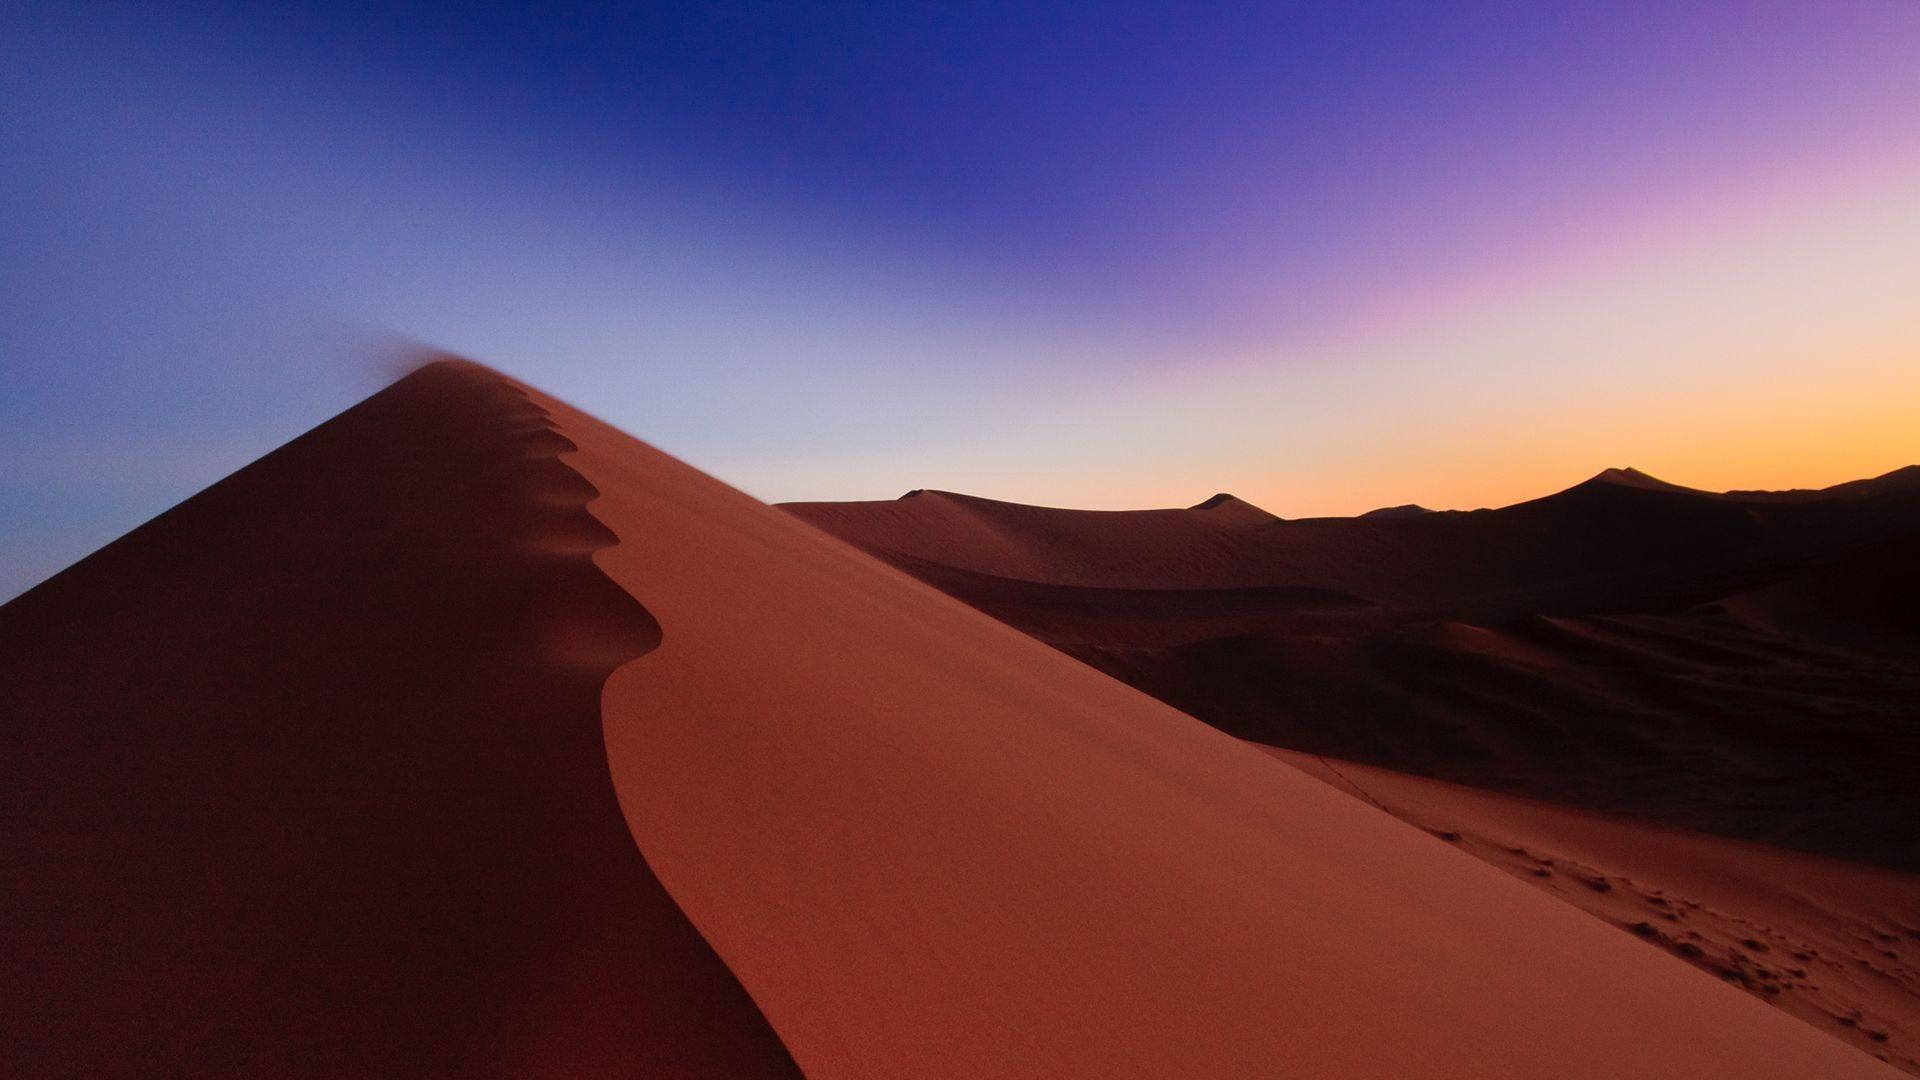 Sand dune wallpaper